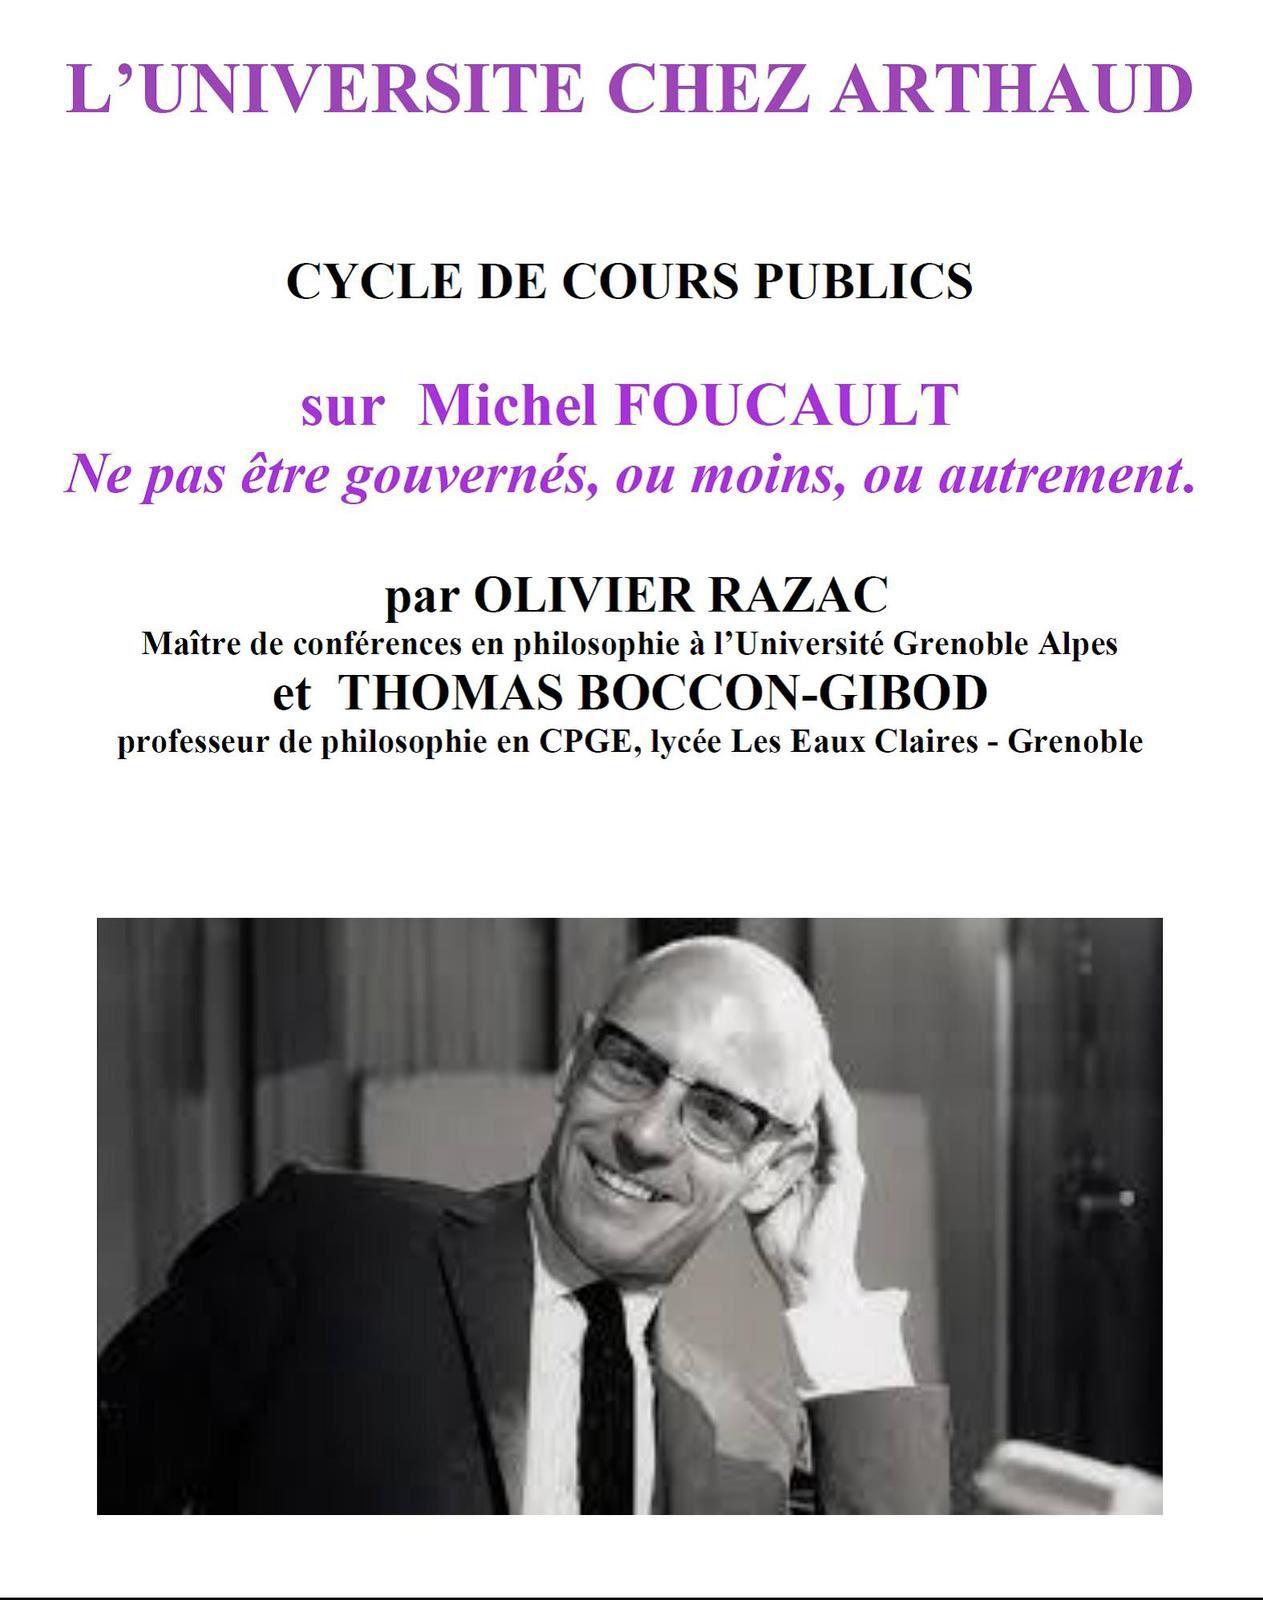 Cours publics - Michel FOUCAULT